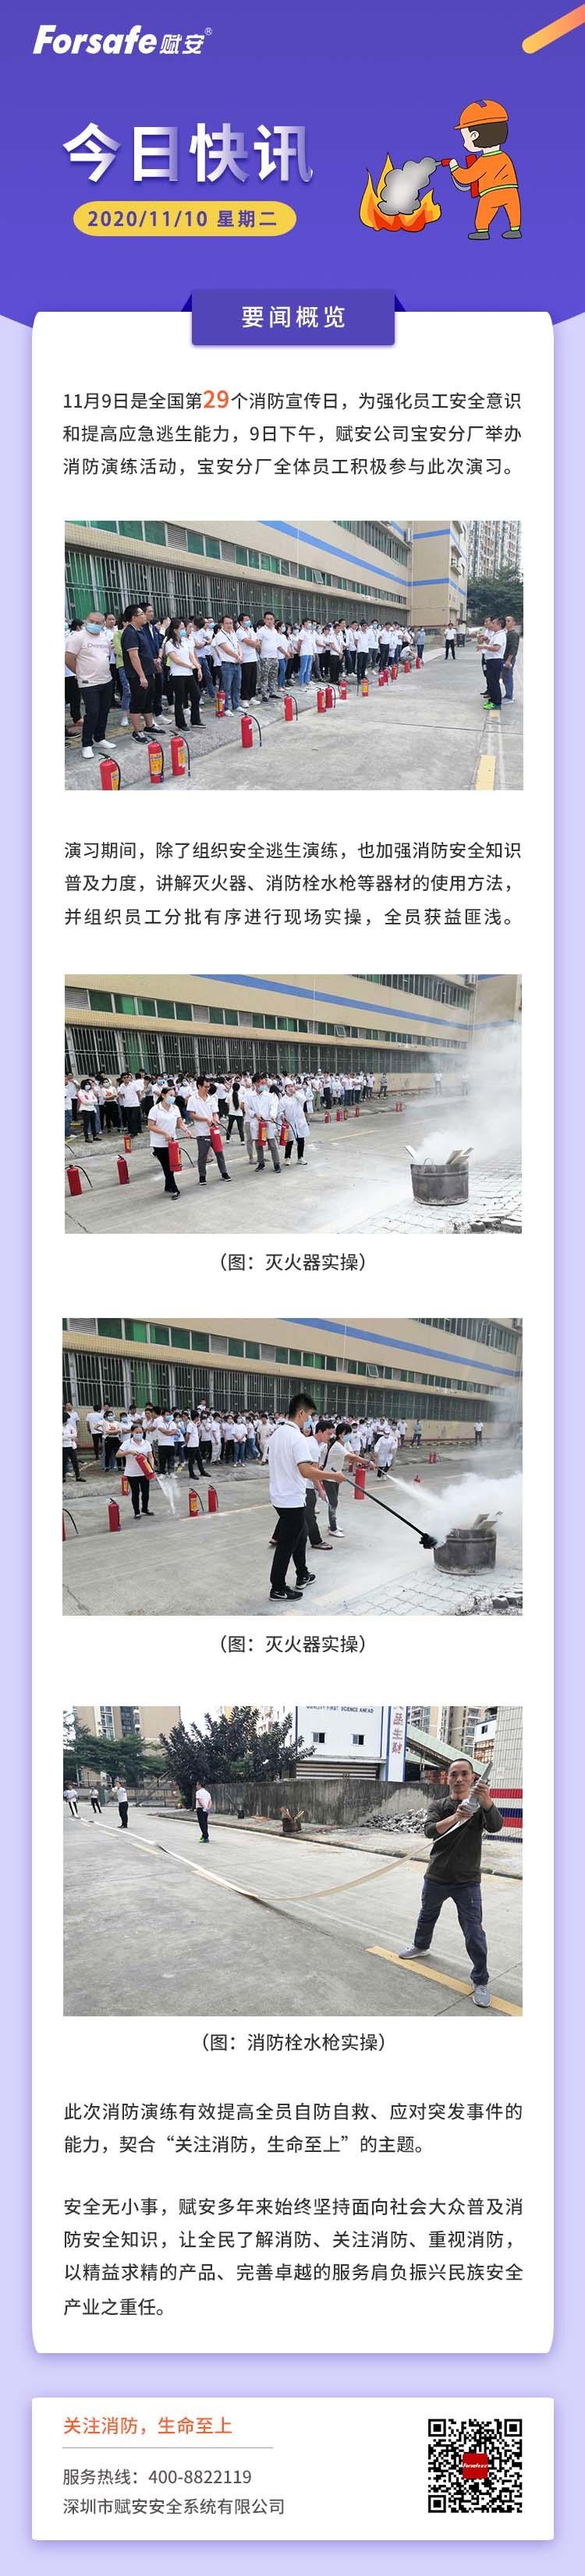 119全国贝博官方网站日—赋安贝博官方网站演练活动圆满结束